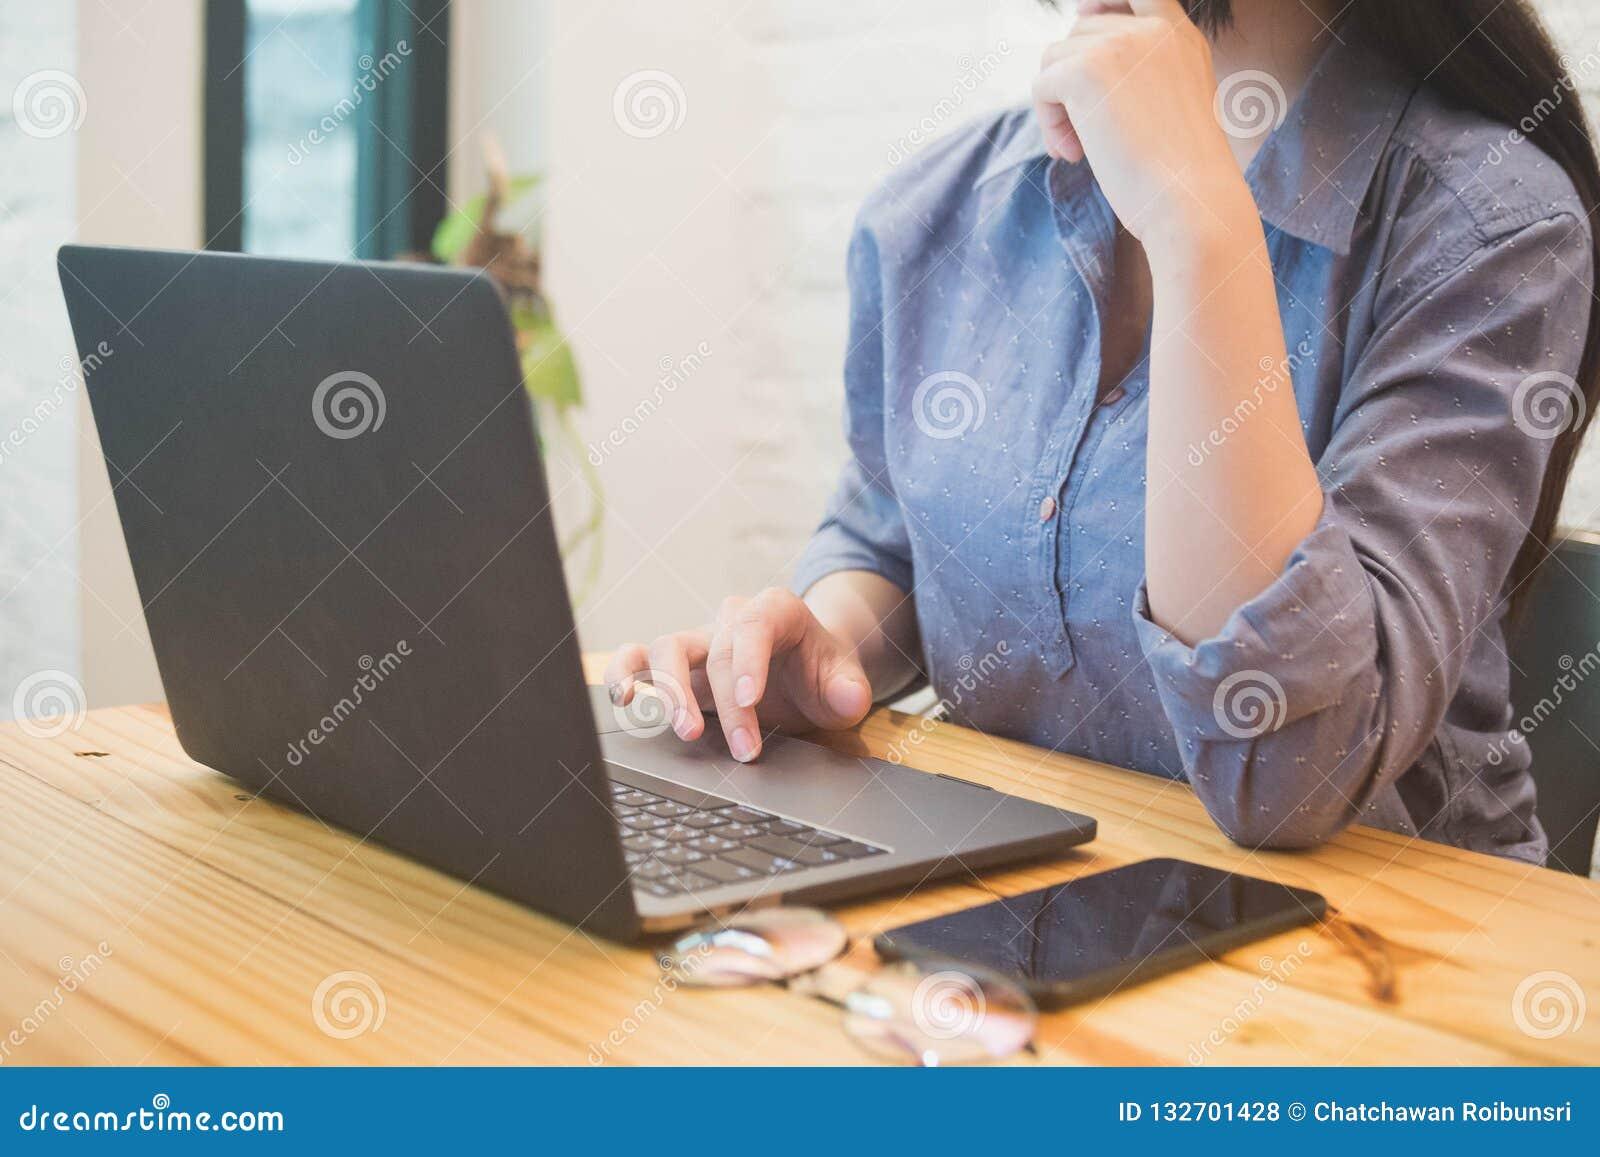 Junge Frau, die an Laptop im Café arbeitet Konzept der berufstätigen Frau